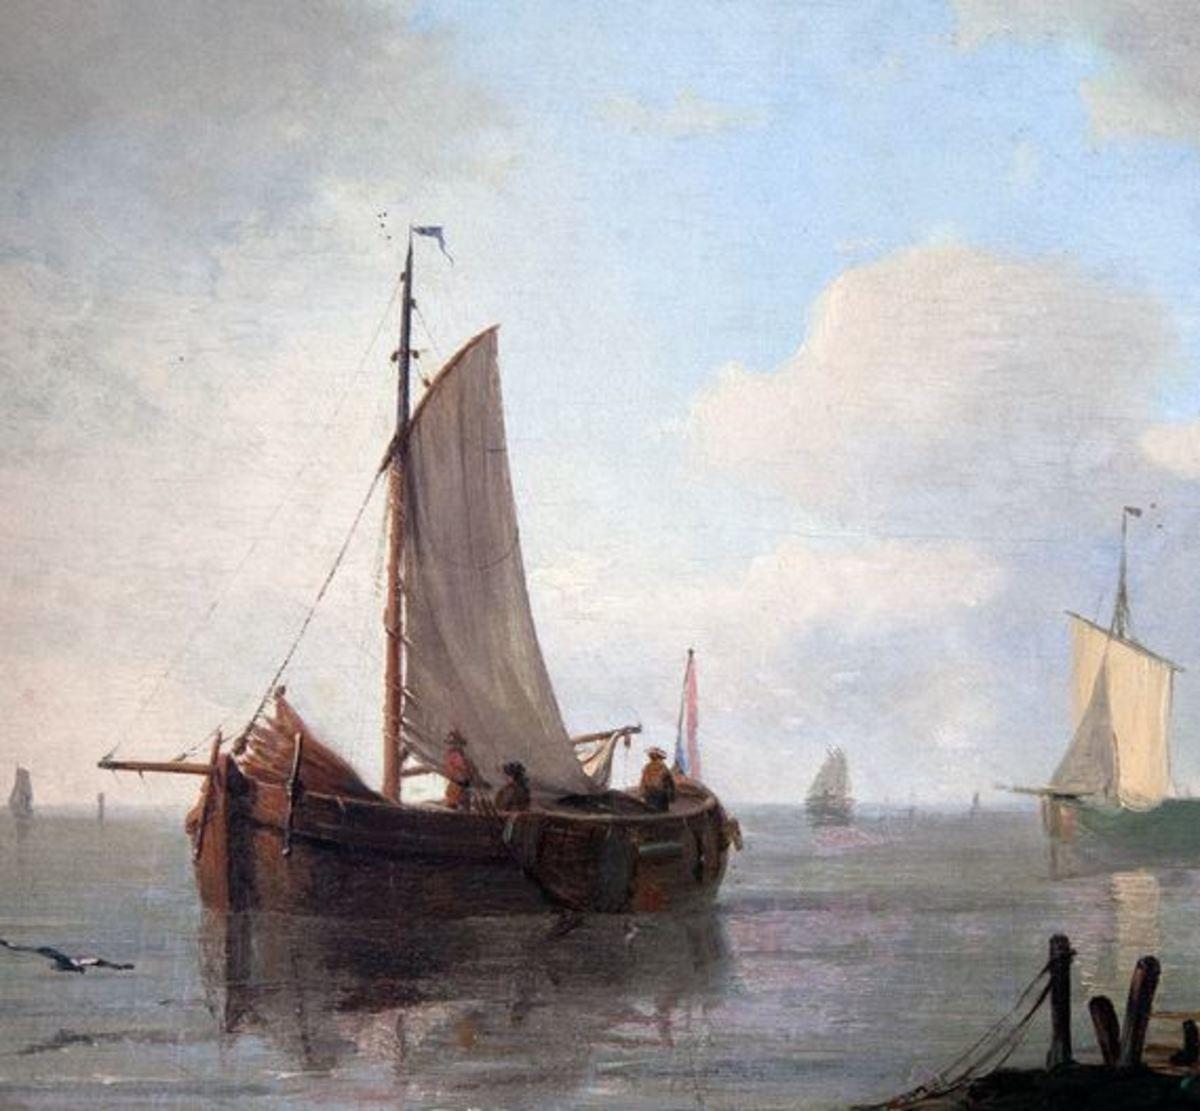 Dutch barges by Adam Silo